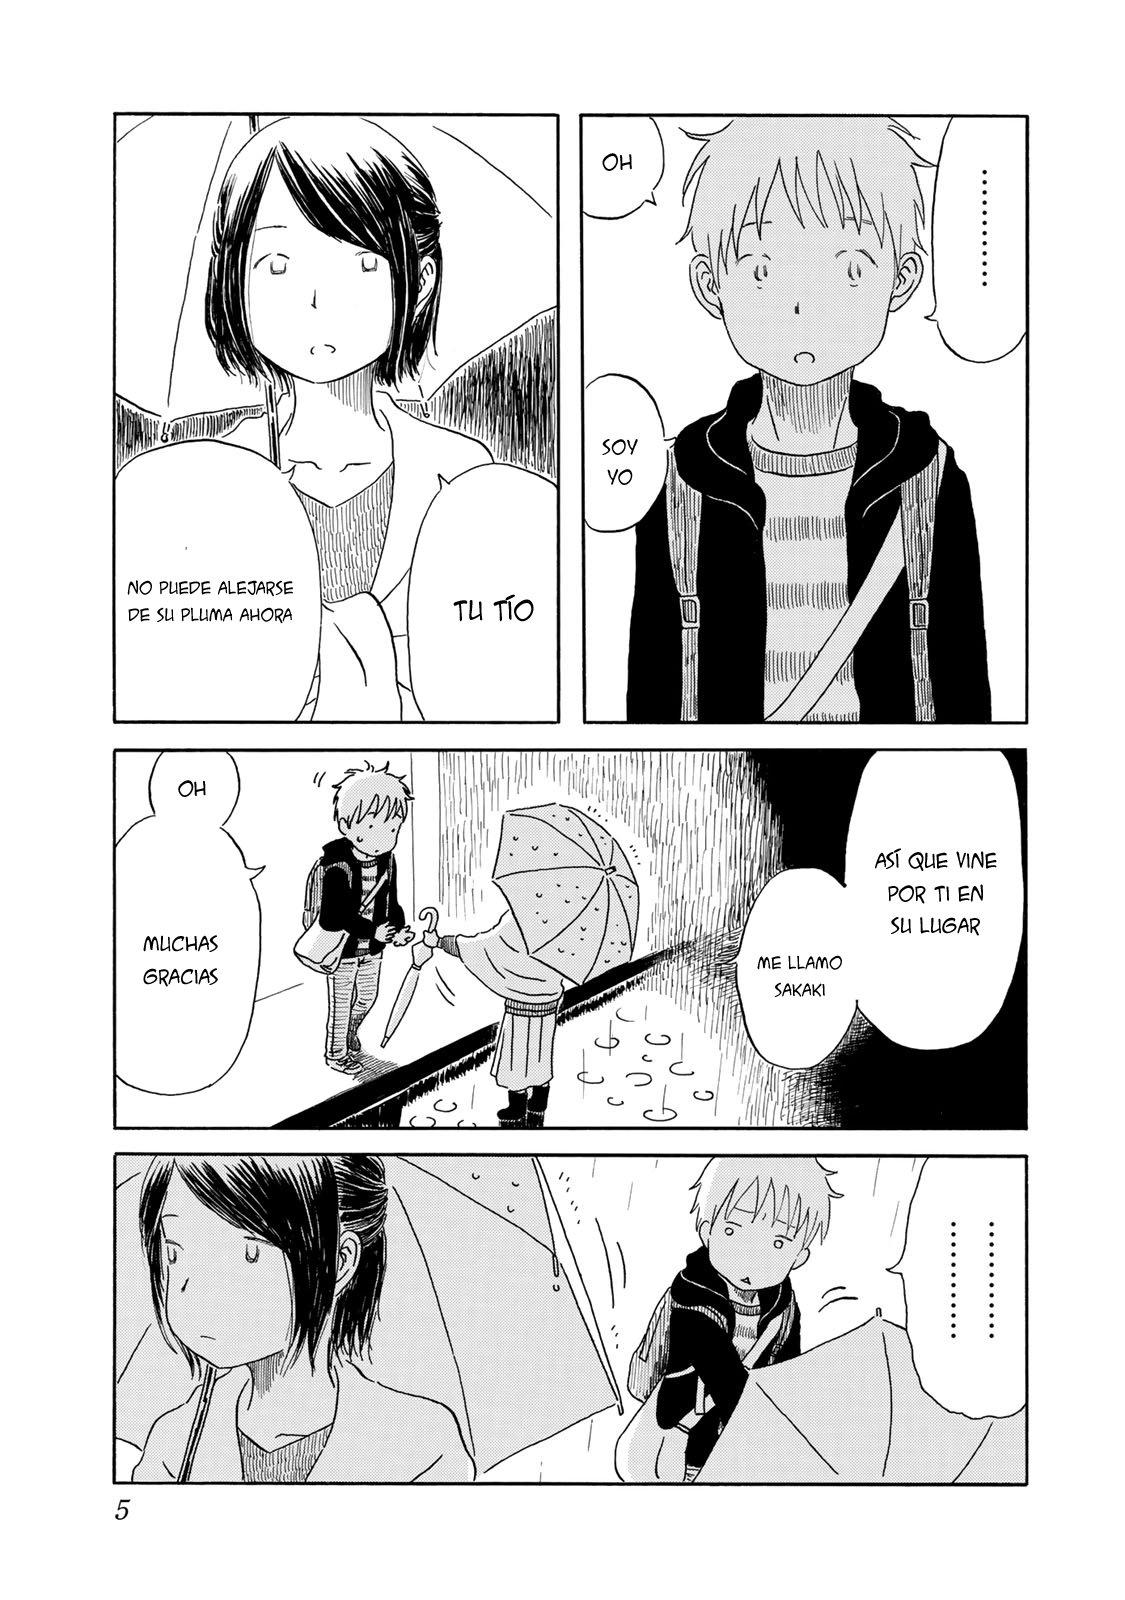 https://nine.mangadogs.com/es_manga/pic8/50/36658/946317/7aef8f65418a2077e96f0c12d1b34205.jpg Page 6